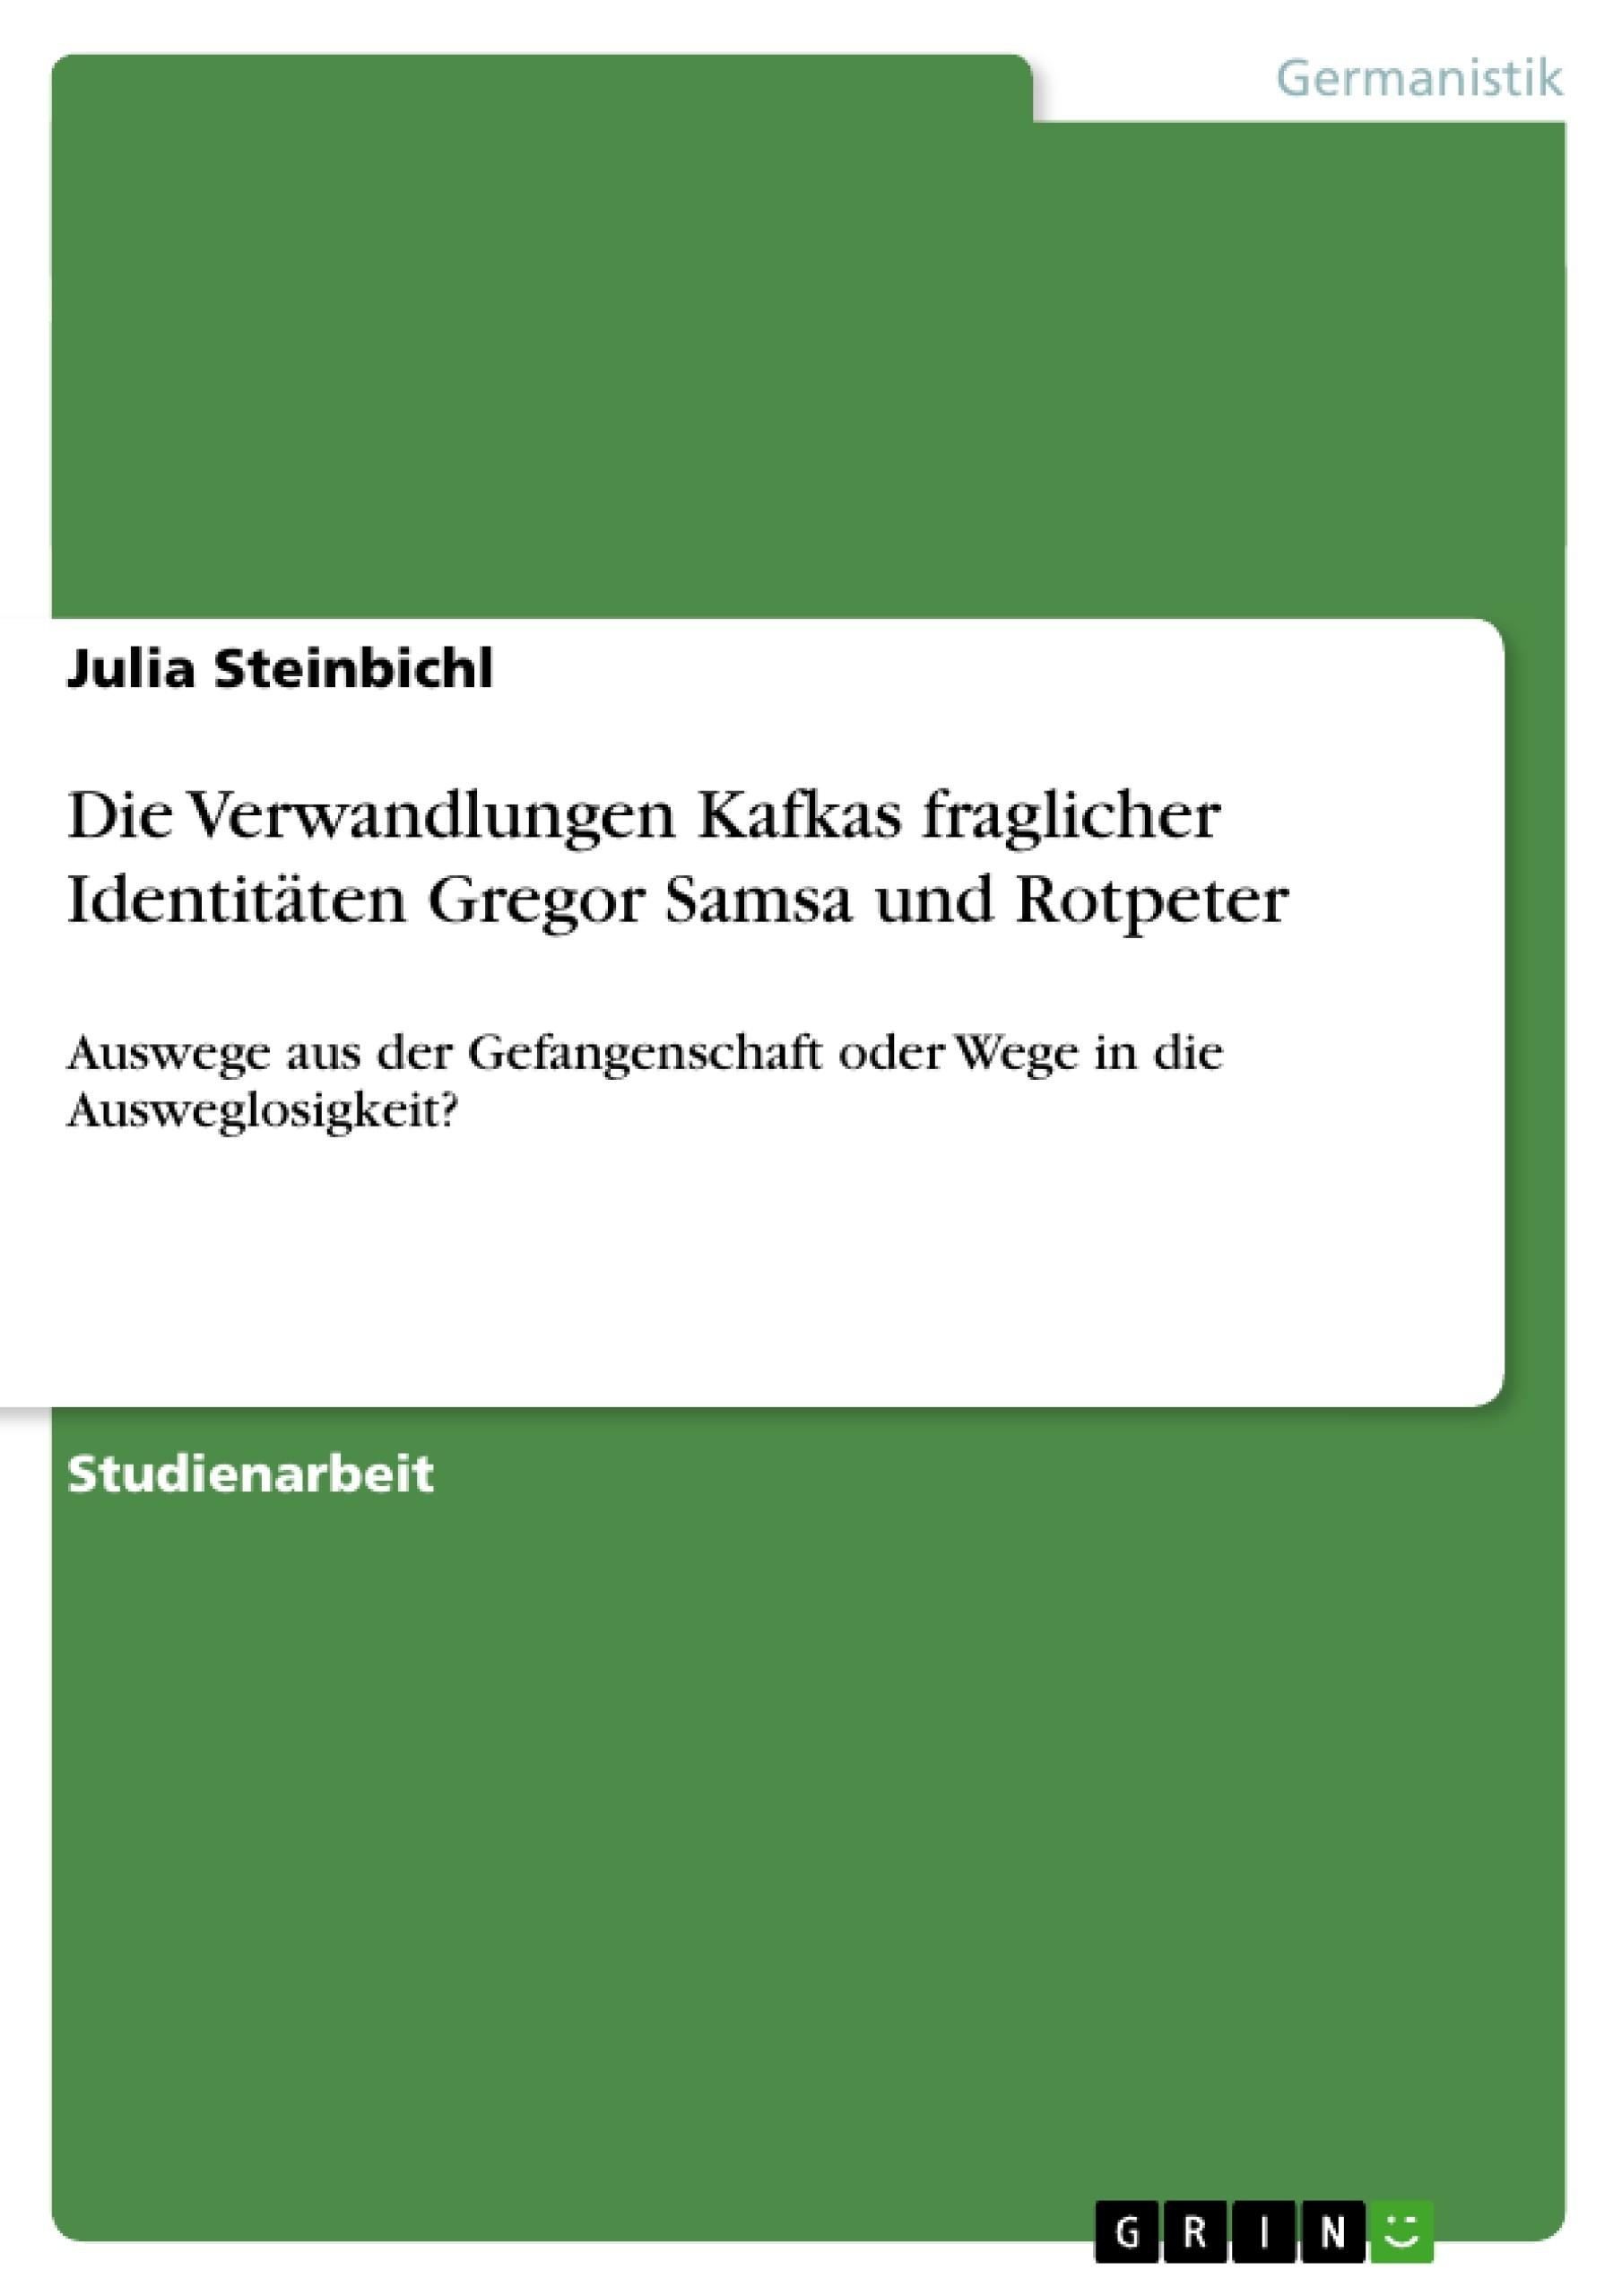 Titel: Die Verwandlungen Kafkas fraglicher Identitäten Gregor Samsa und Rotpeter